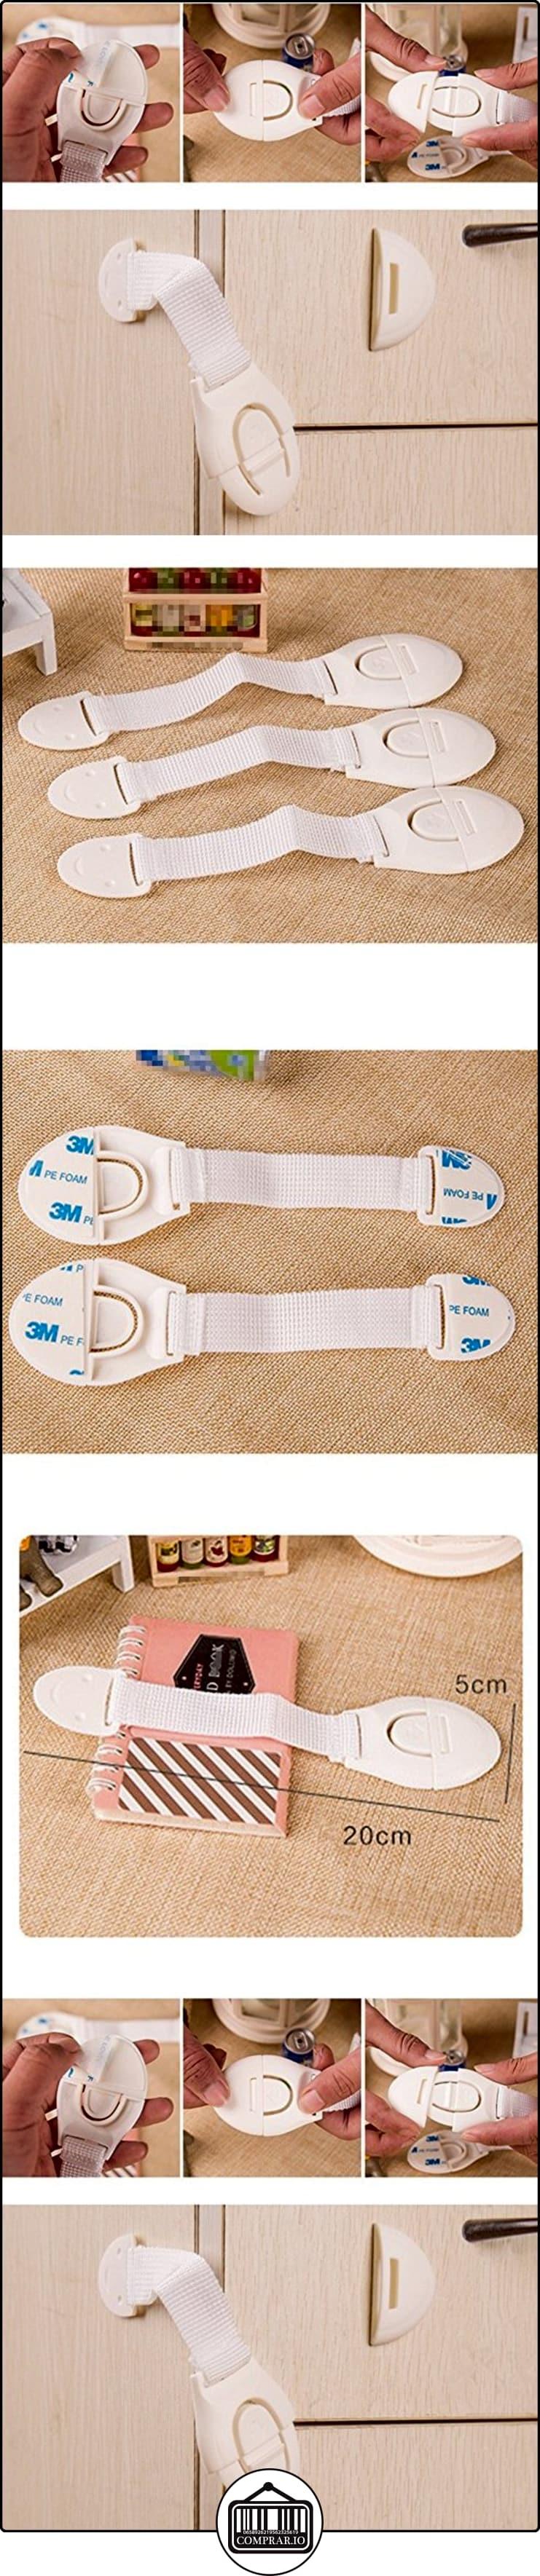 Distinct® 3pcs adhesivo del gabinete de seguridad del bebé cajón de la puerta del armario del refrigerador de bloqueo  ✿ Seguridad para tu bebé - (Protege a tus hijos) ✿ ▬► Ver oferta: http://comprar.io/goto/B01LXX4MYO